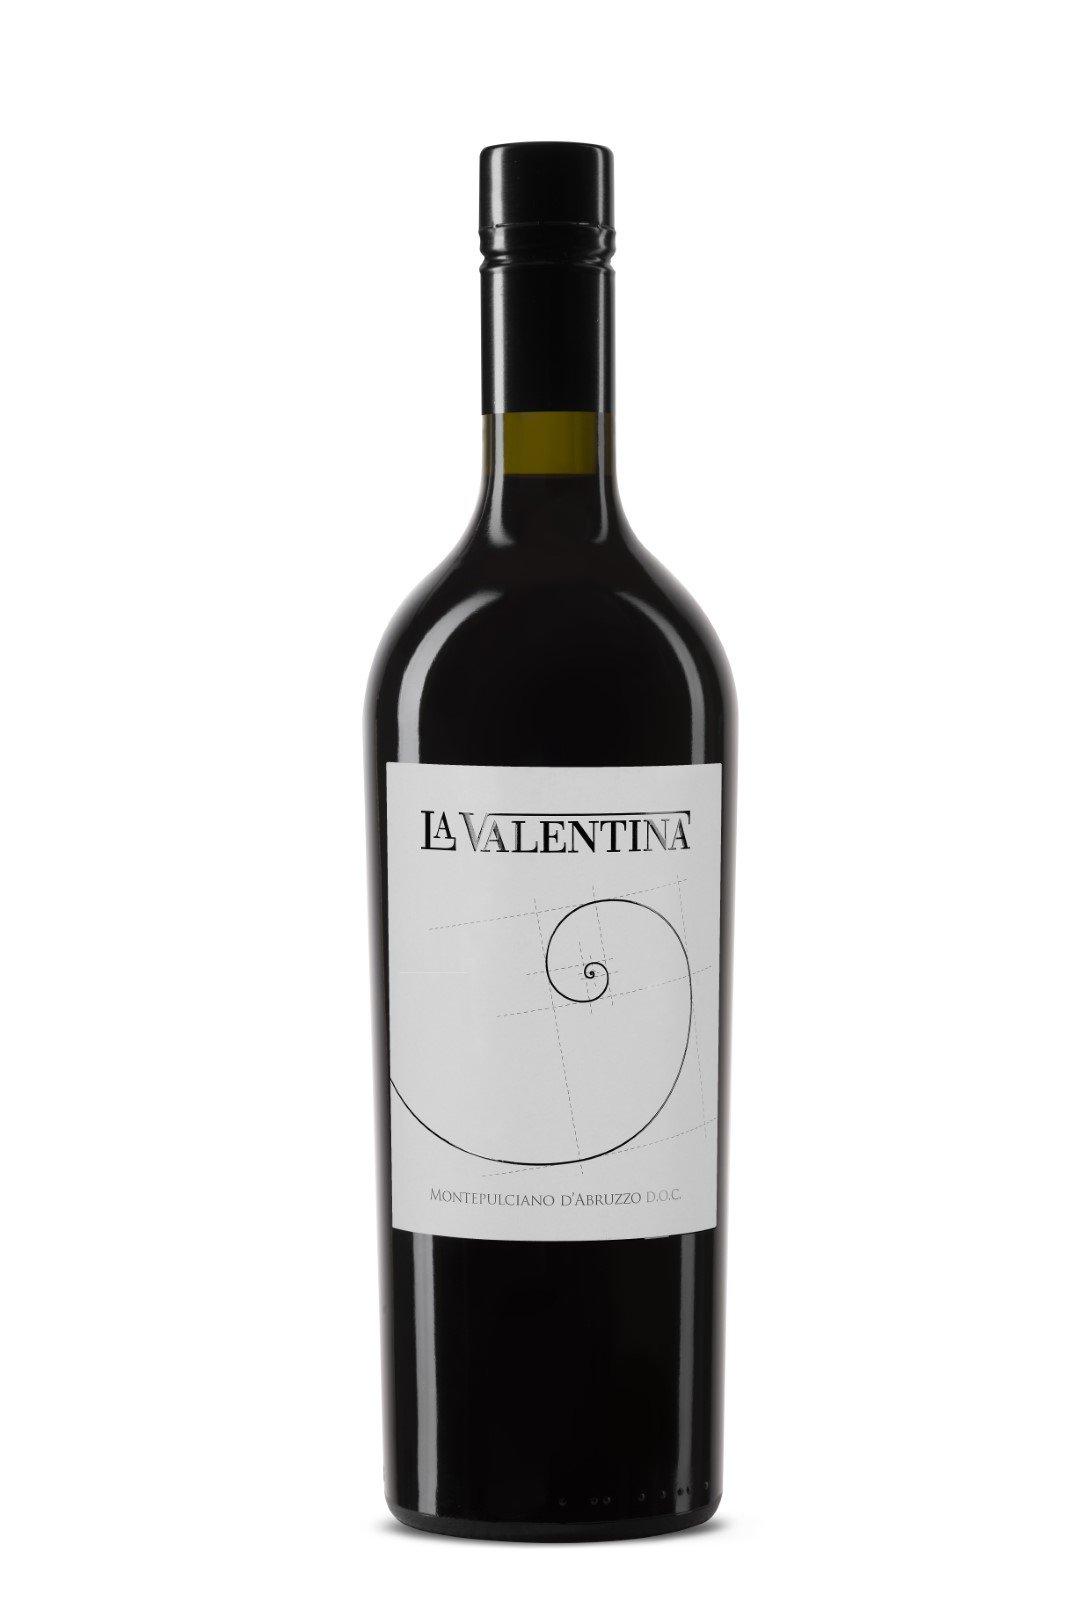 2016 La Valentina Montepulciano d'Abruzzo DOC